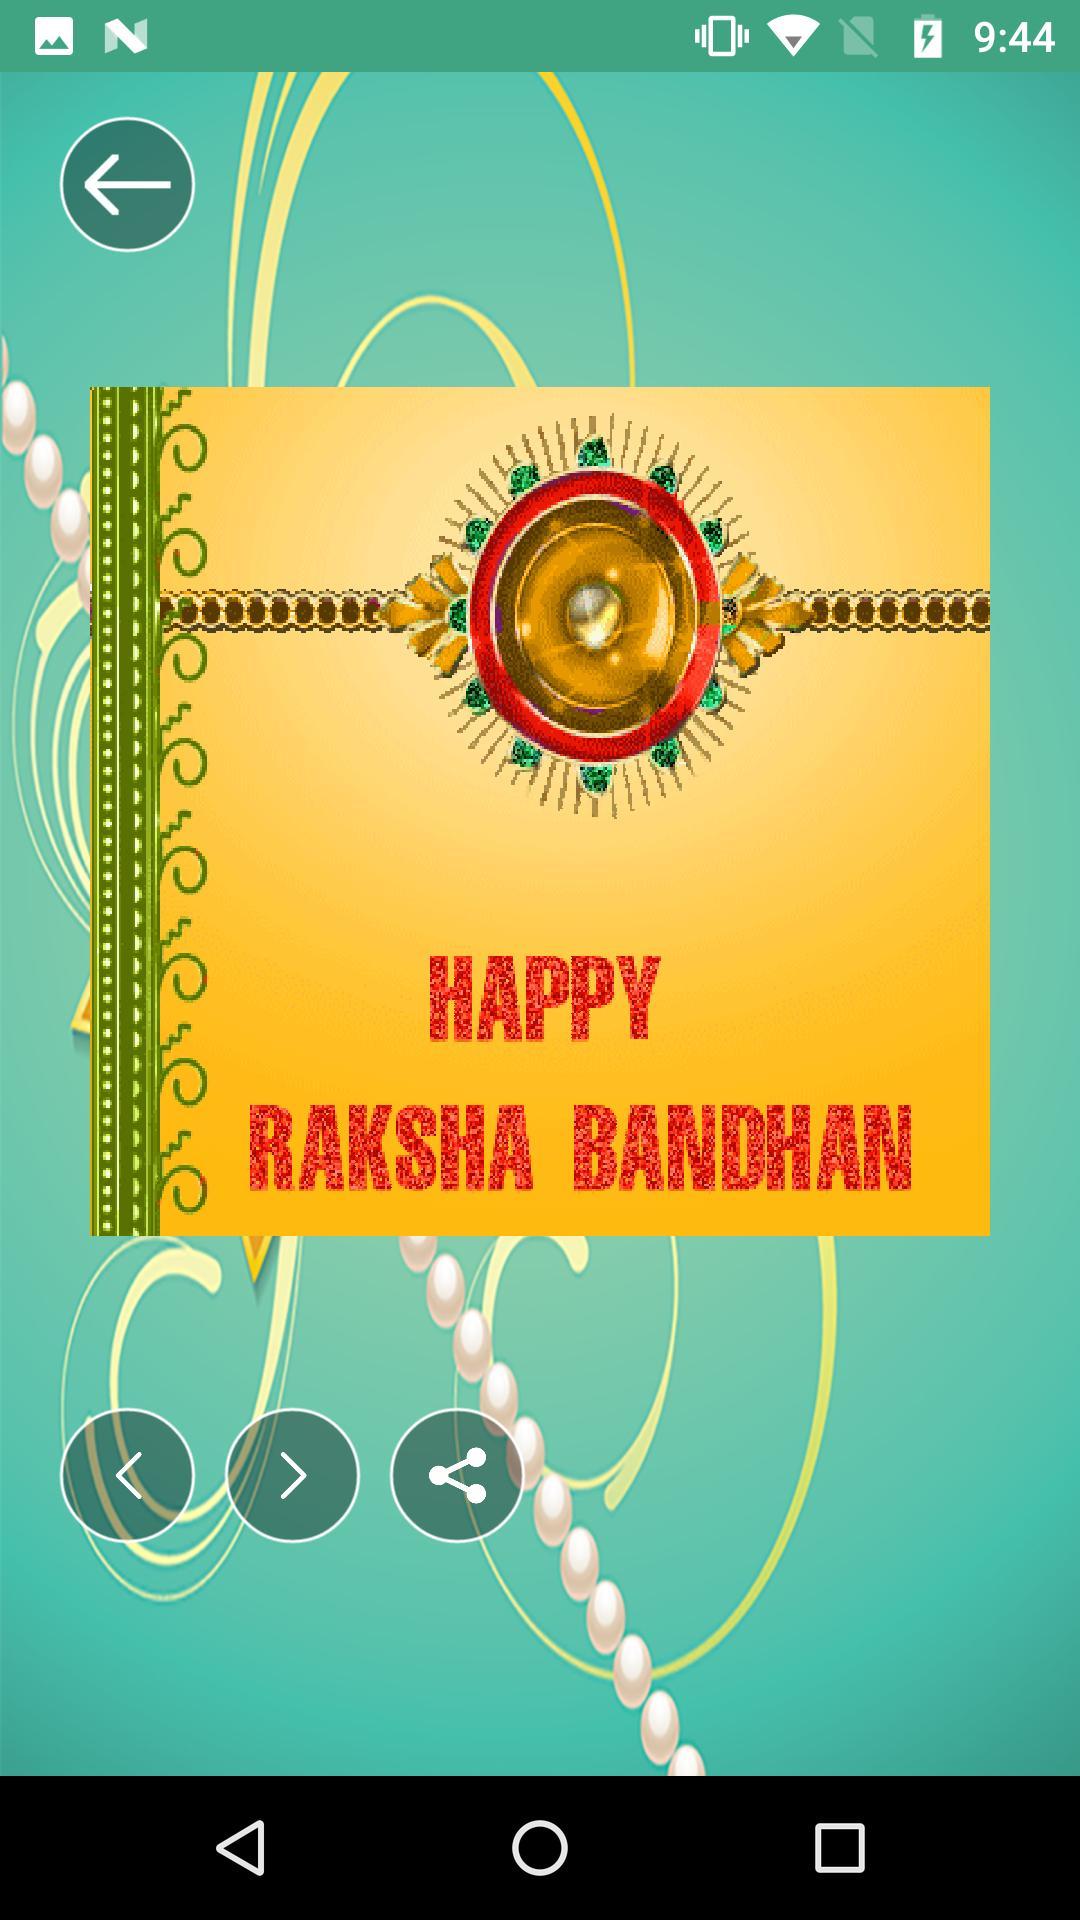 Rakshabandhan GIF 2017 poster